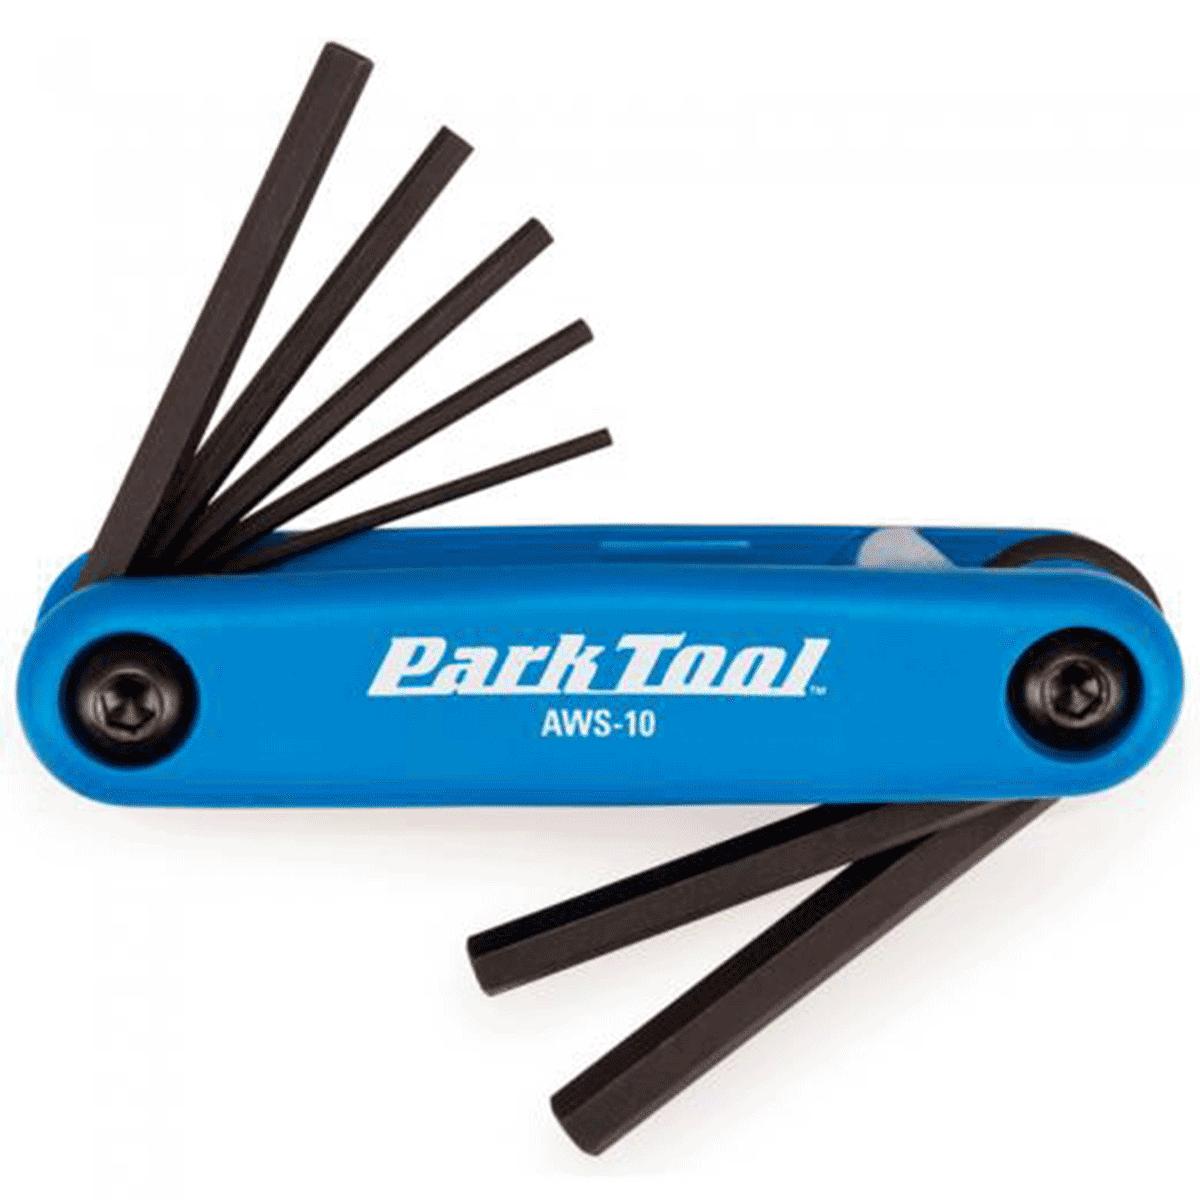 Kit Ferramentas Canivete Bike Park Tool AWS-10 7 Funções